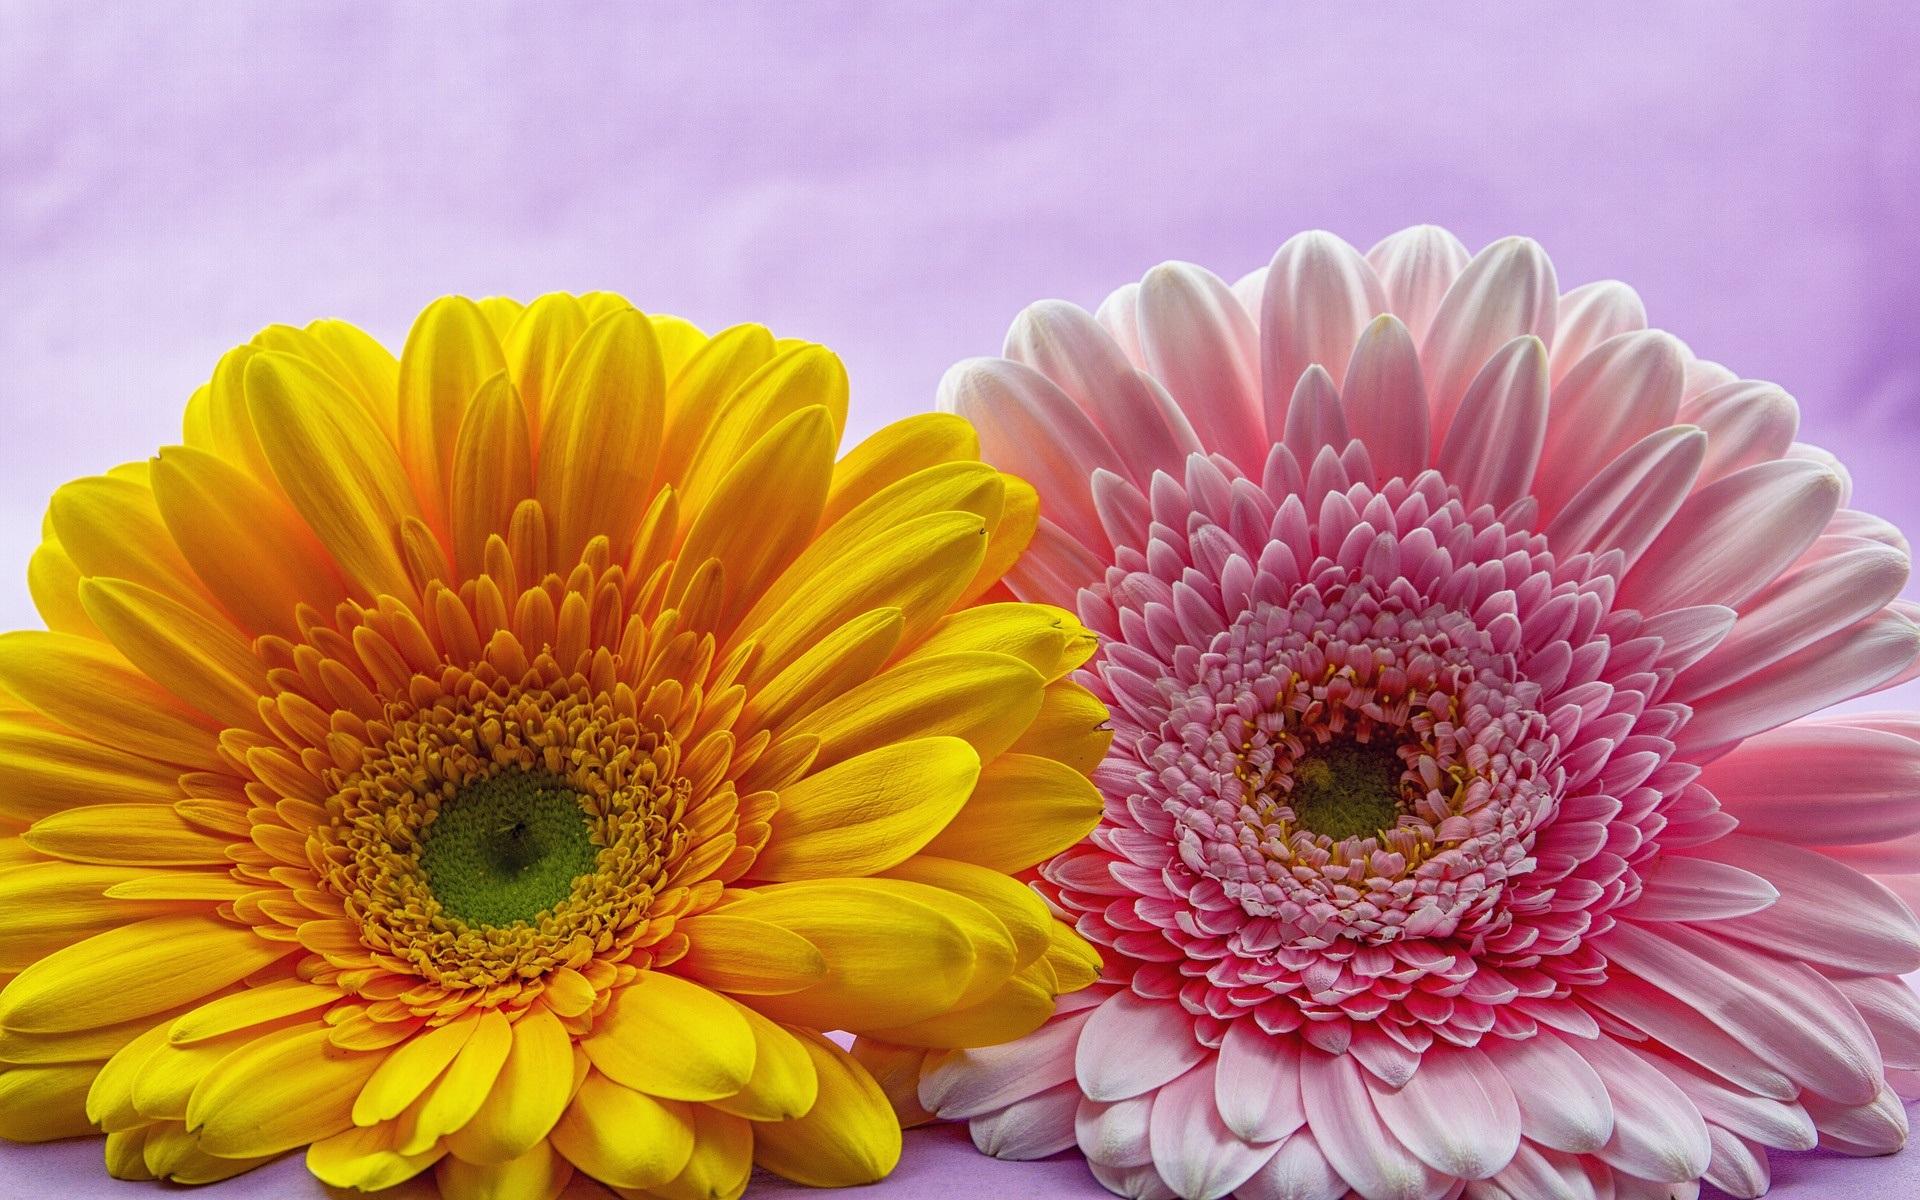 壁紙 ピンクと黄色のガーベラの花 1920x1200 Hd 無料のデスクトップの